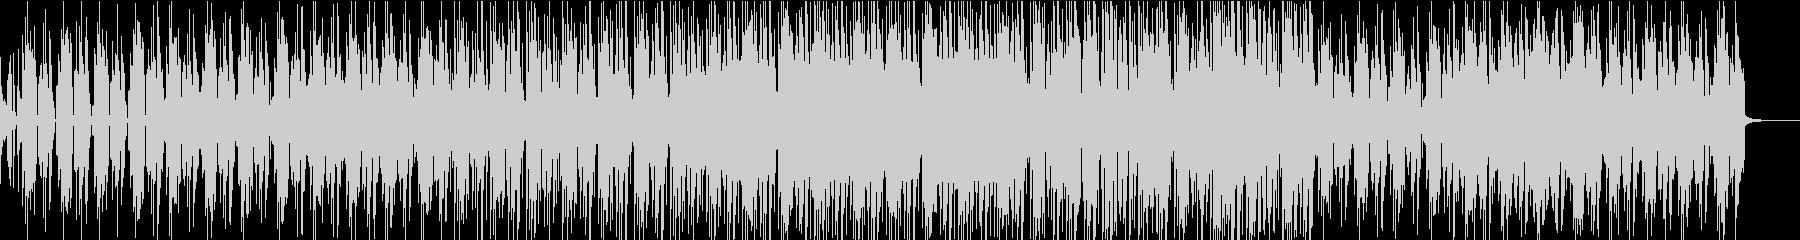 ハッピーバースデーのレゲエバージョンの未再生の波形